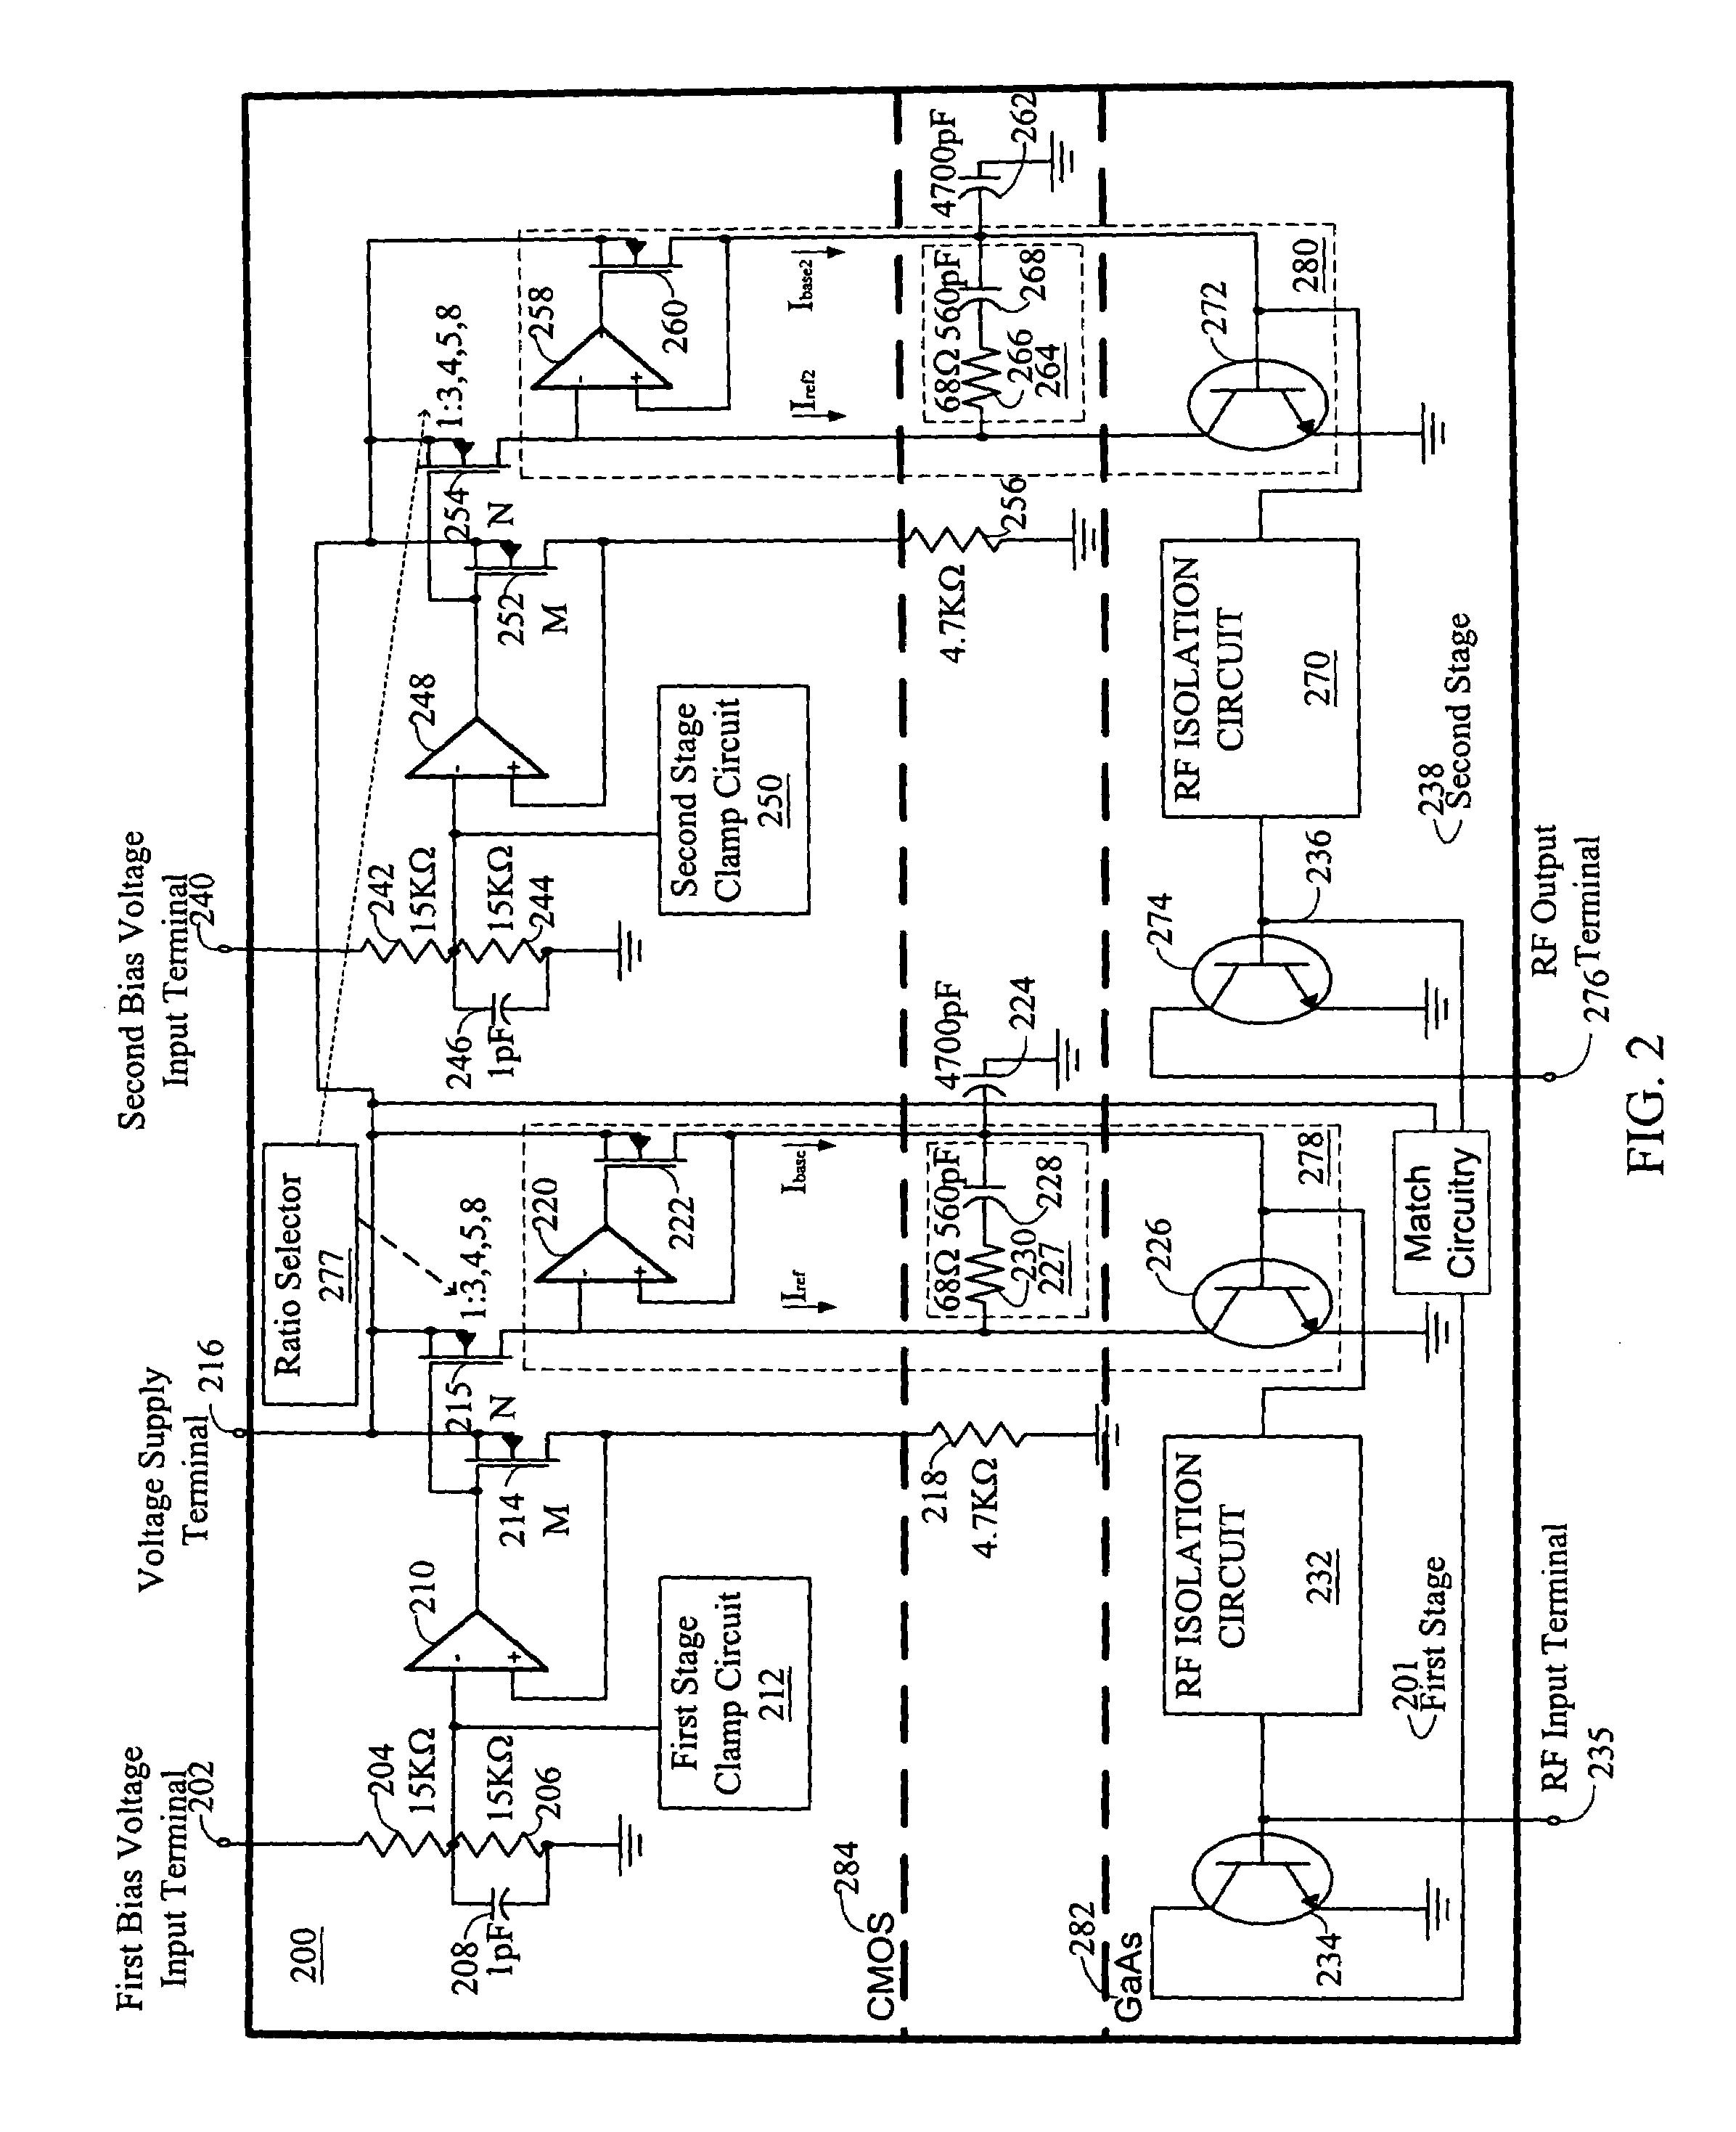 patent us7443246